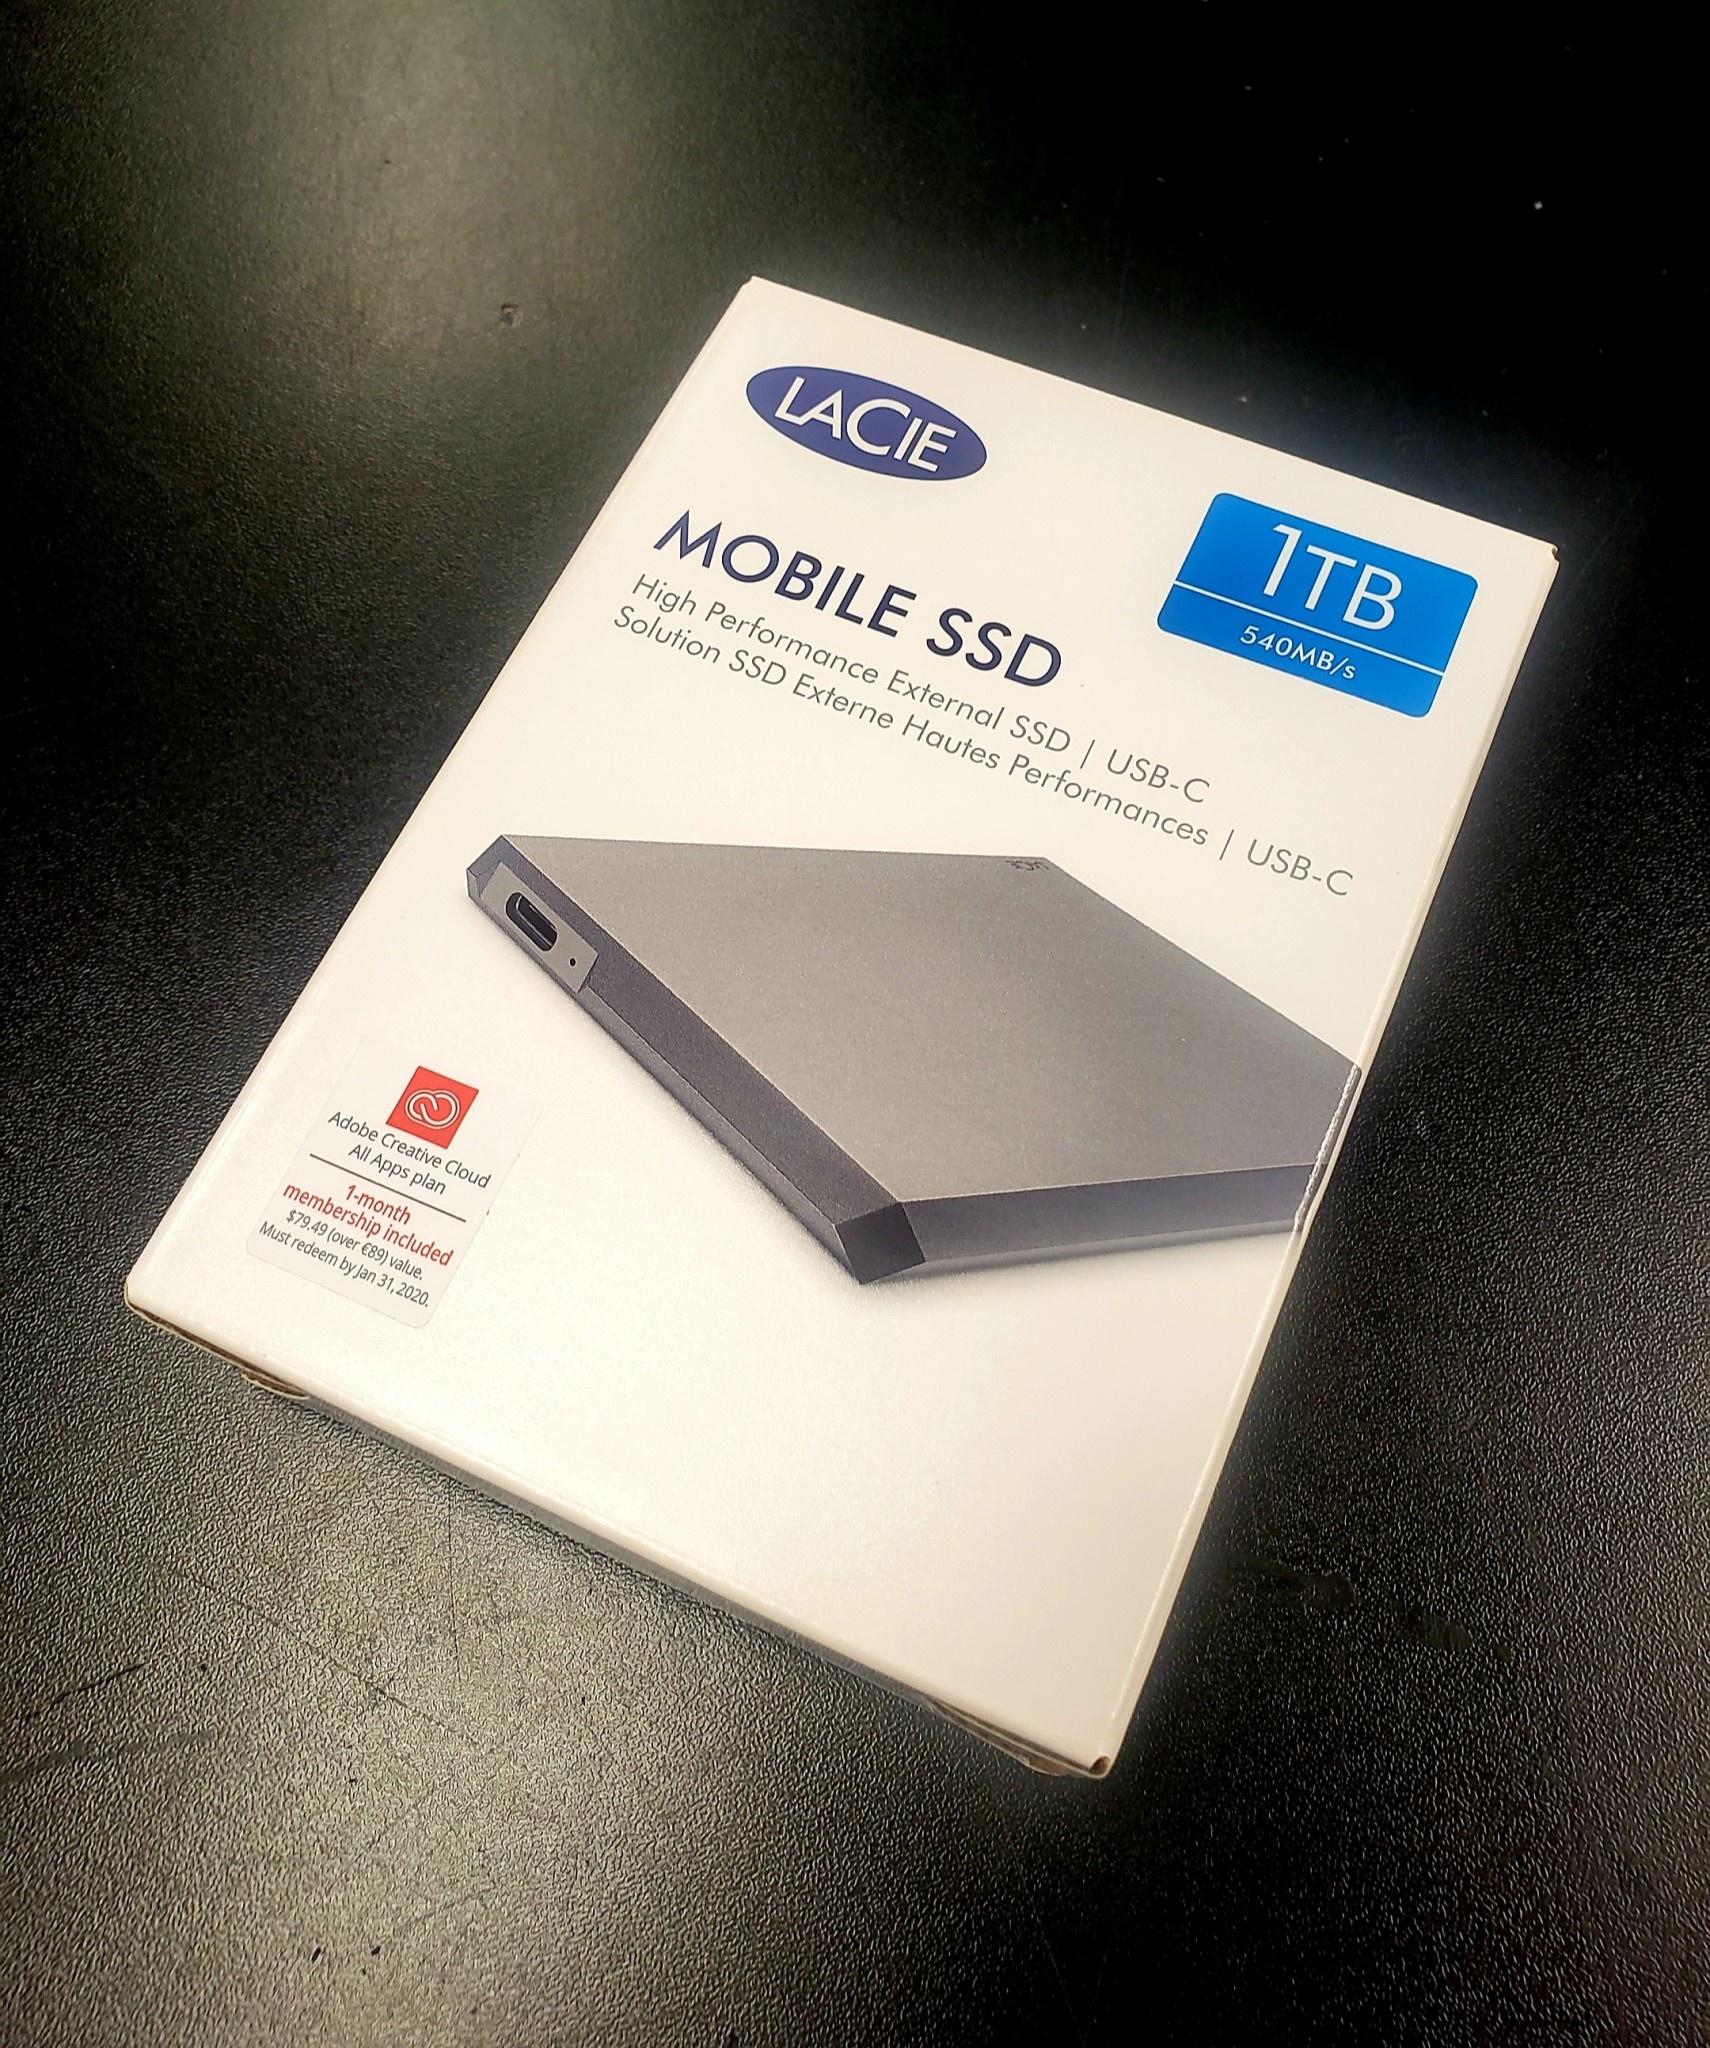 LaCie Mobile 1TB External SSD Storage Drive - New